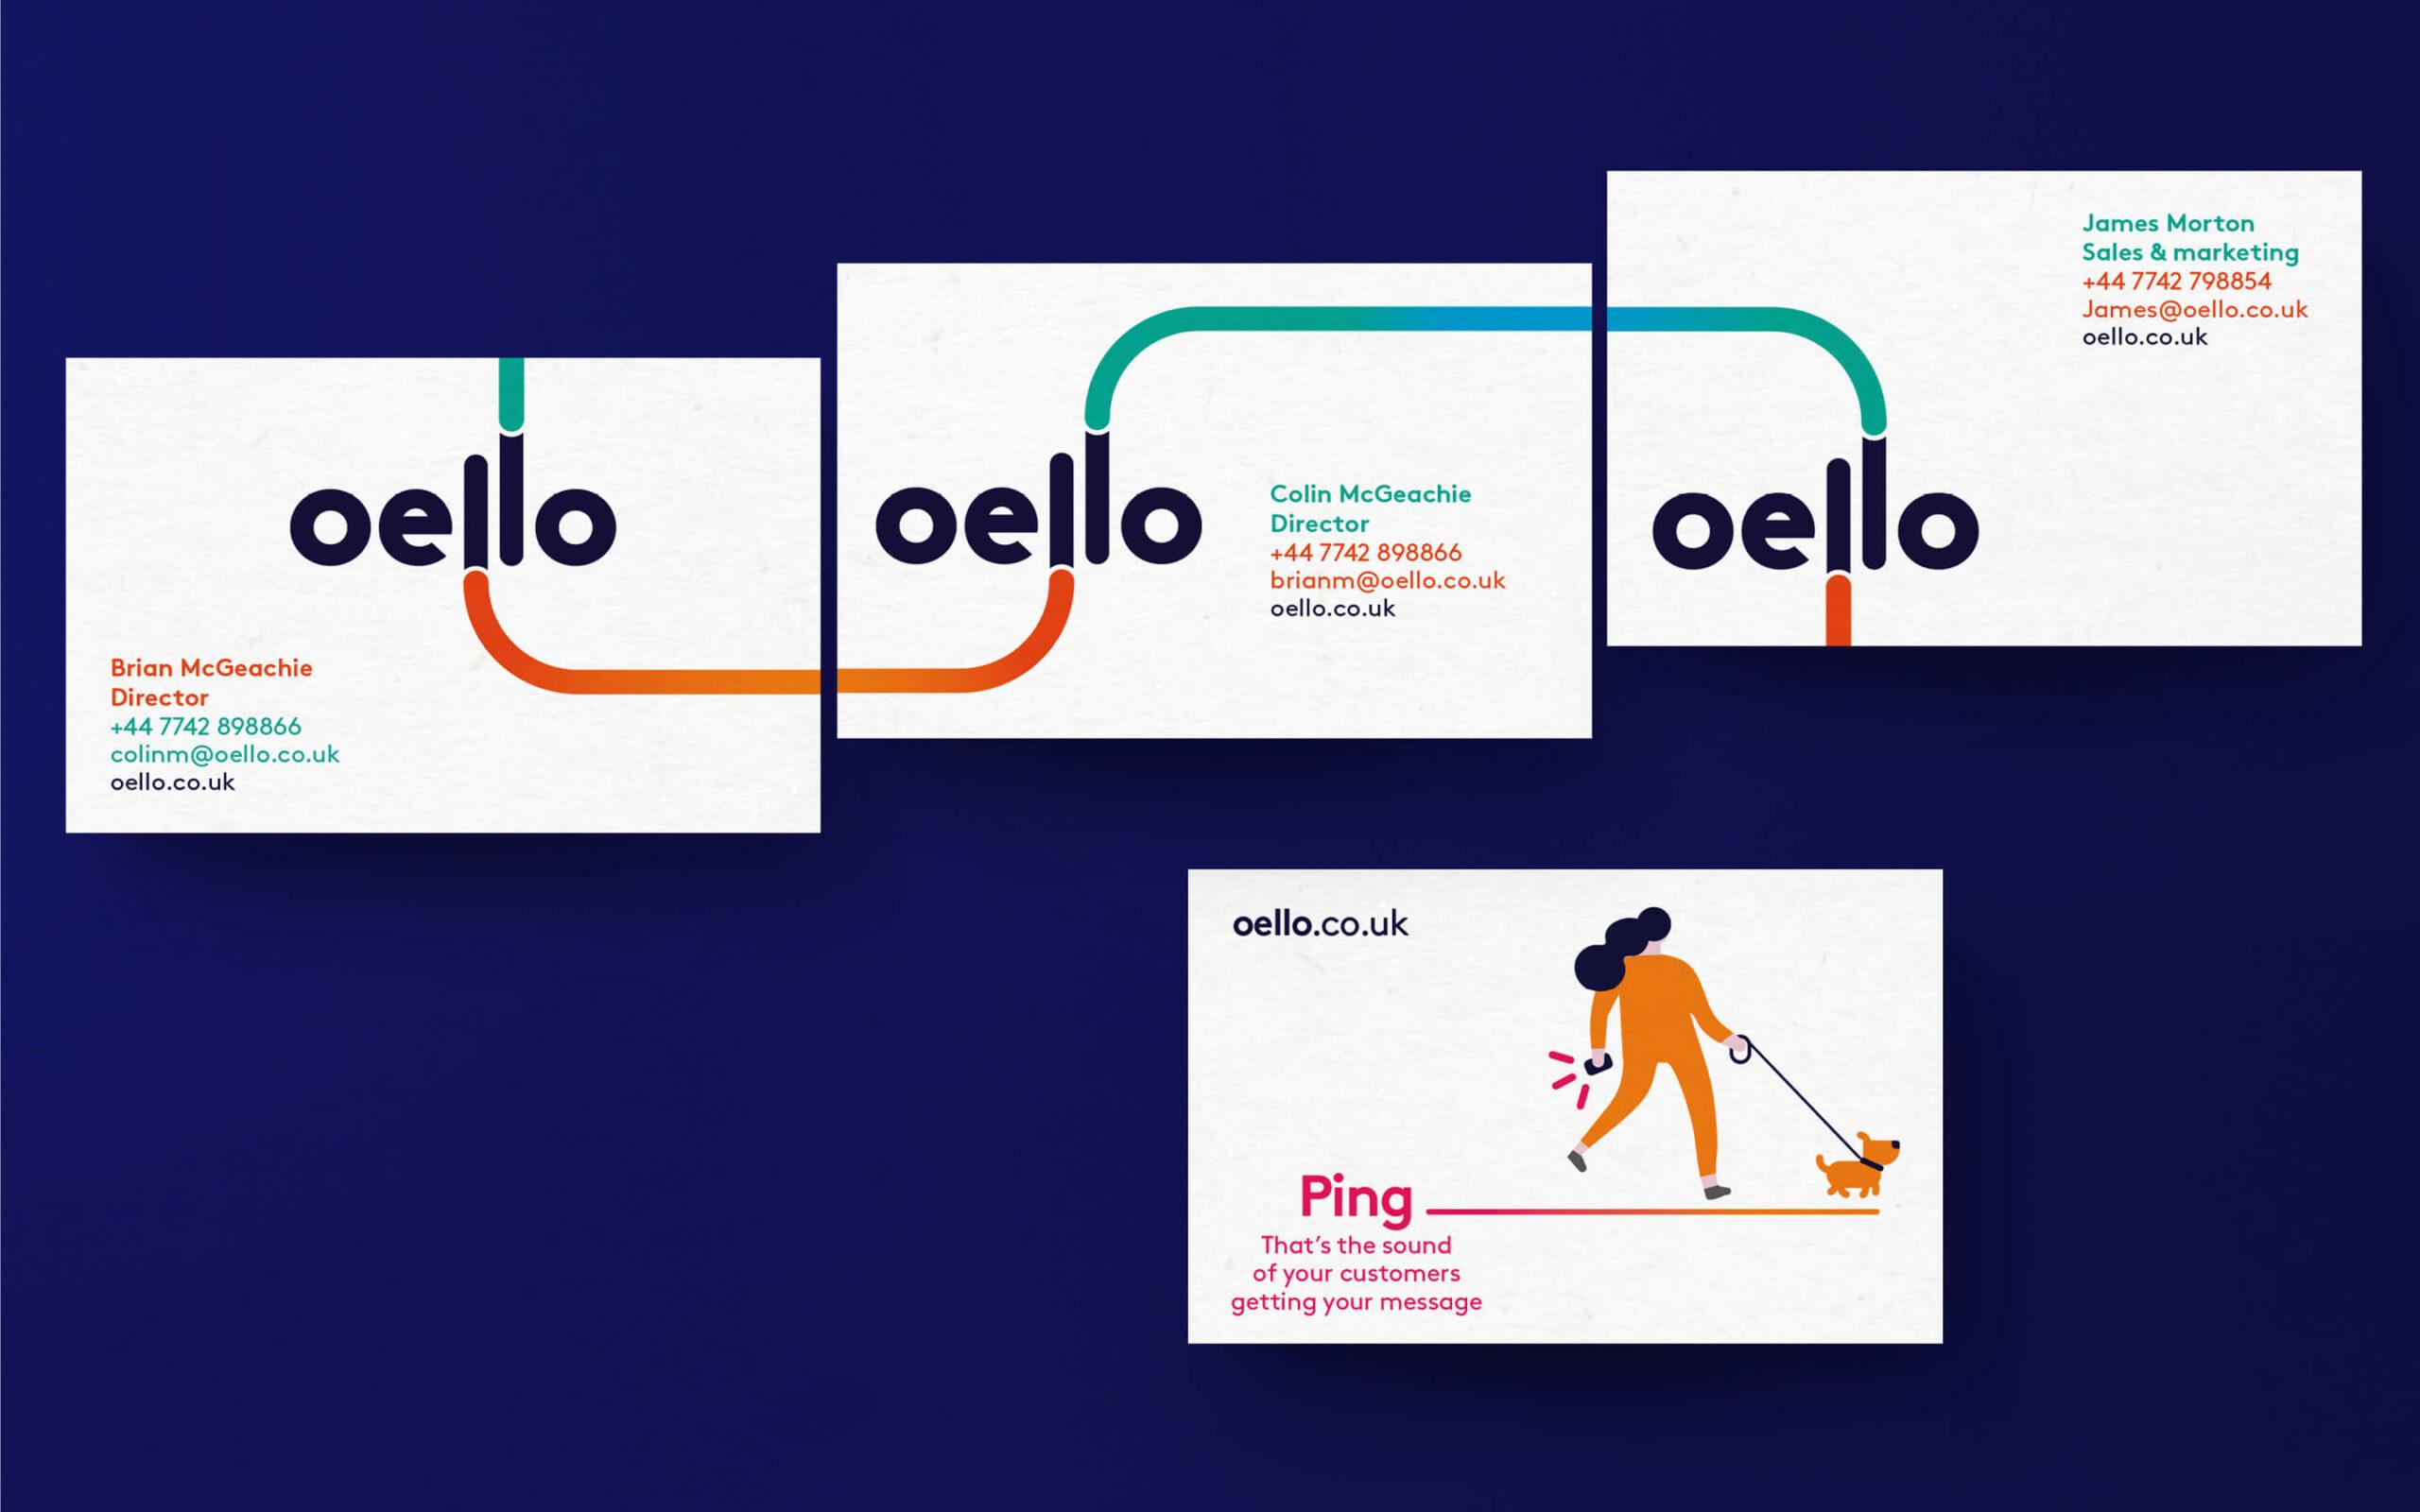 PWD – Brand Presentation – oello7